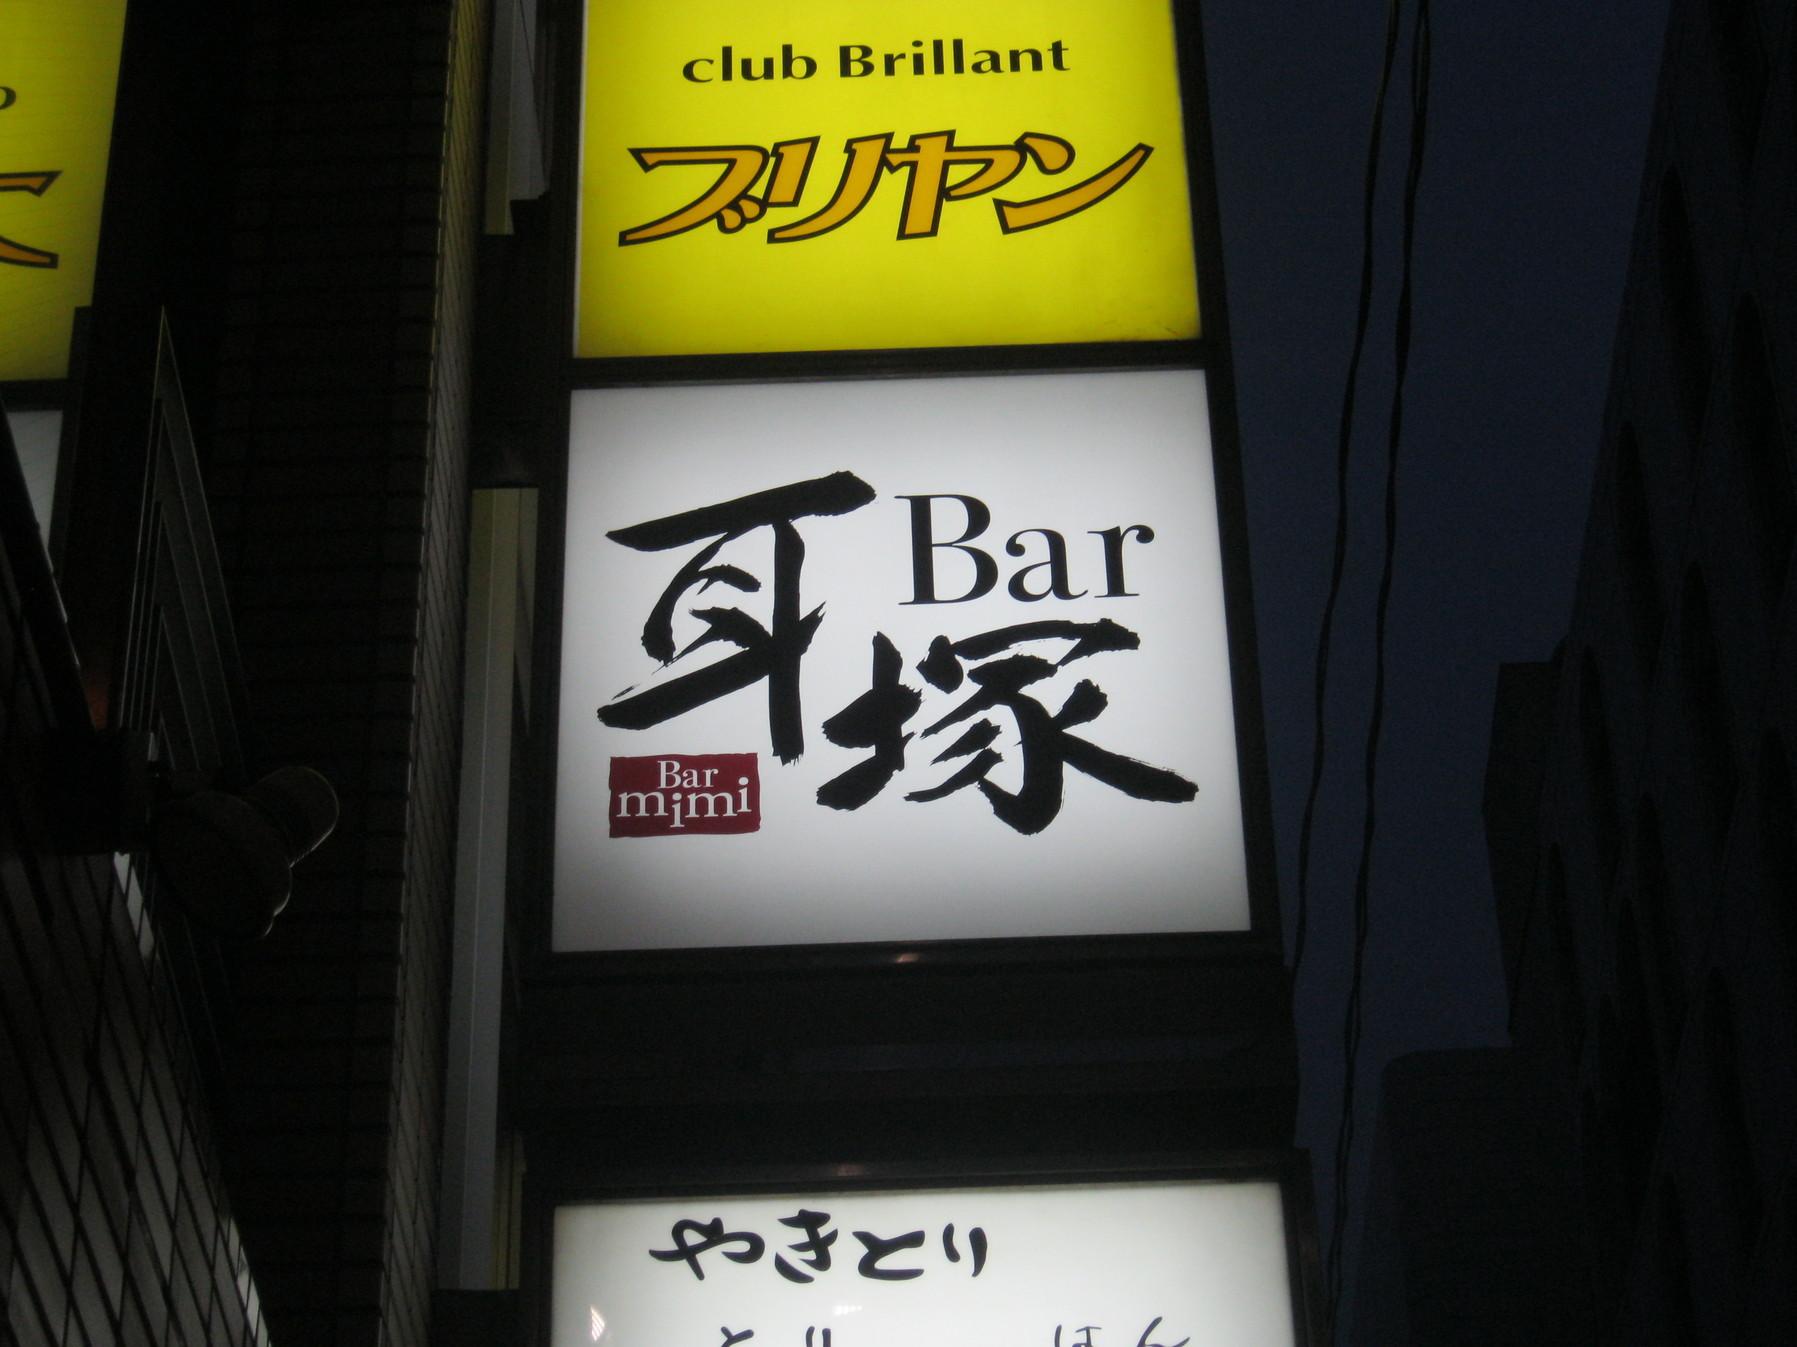 Bar 耳塚